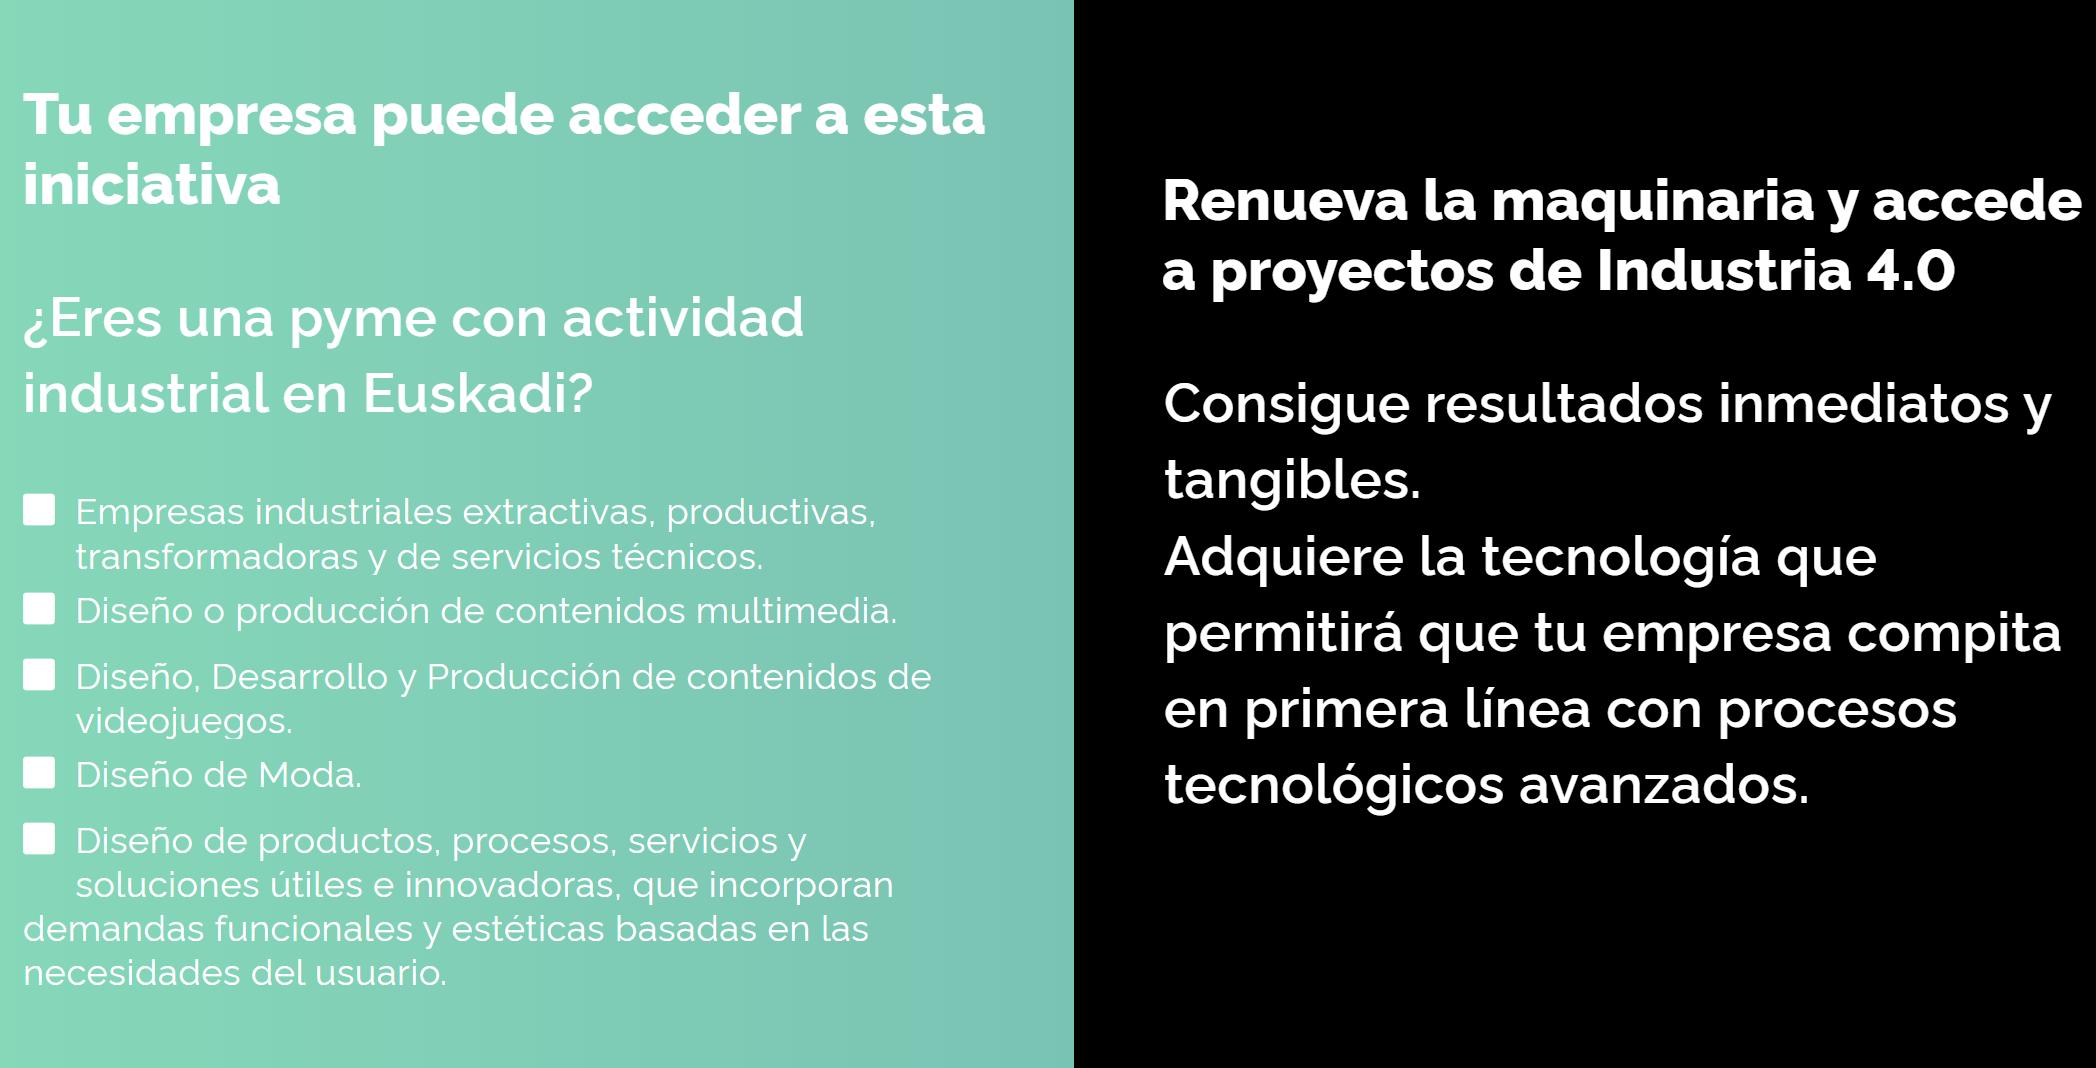 SPRI Renove Industria 4.0 02